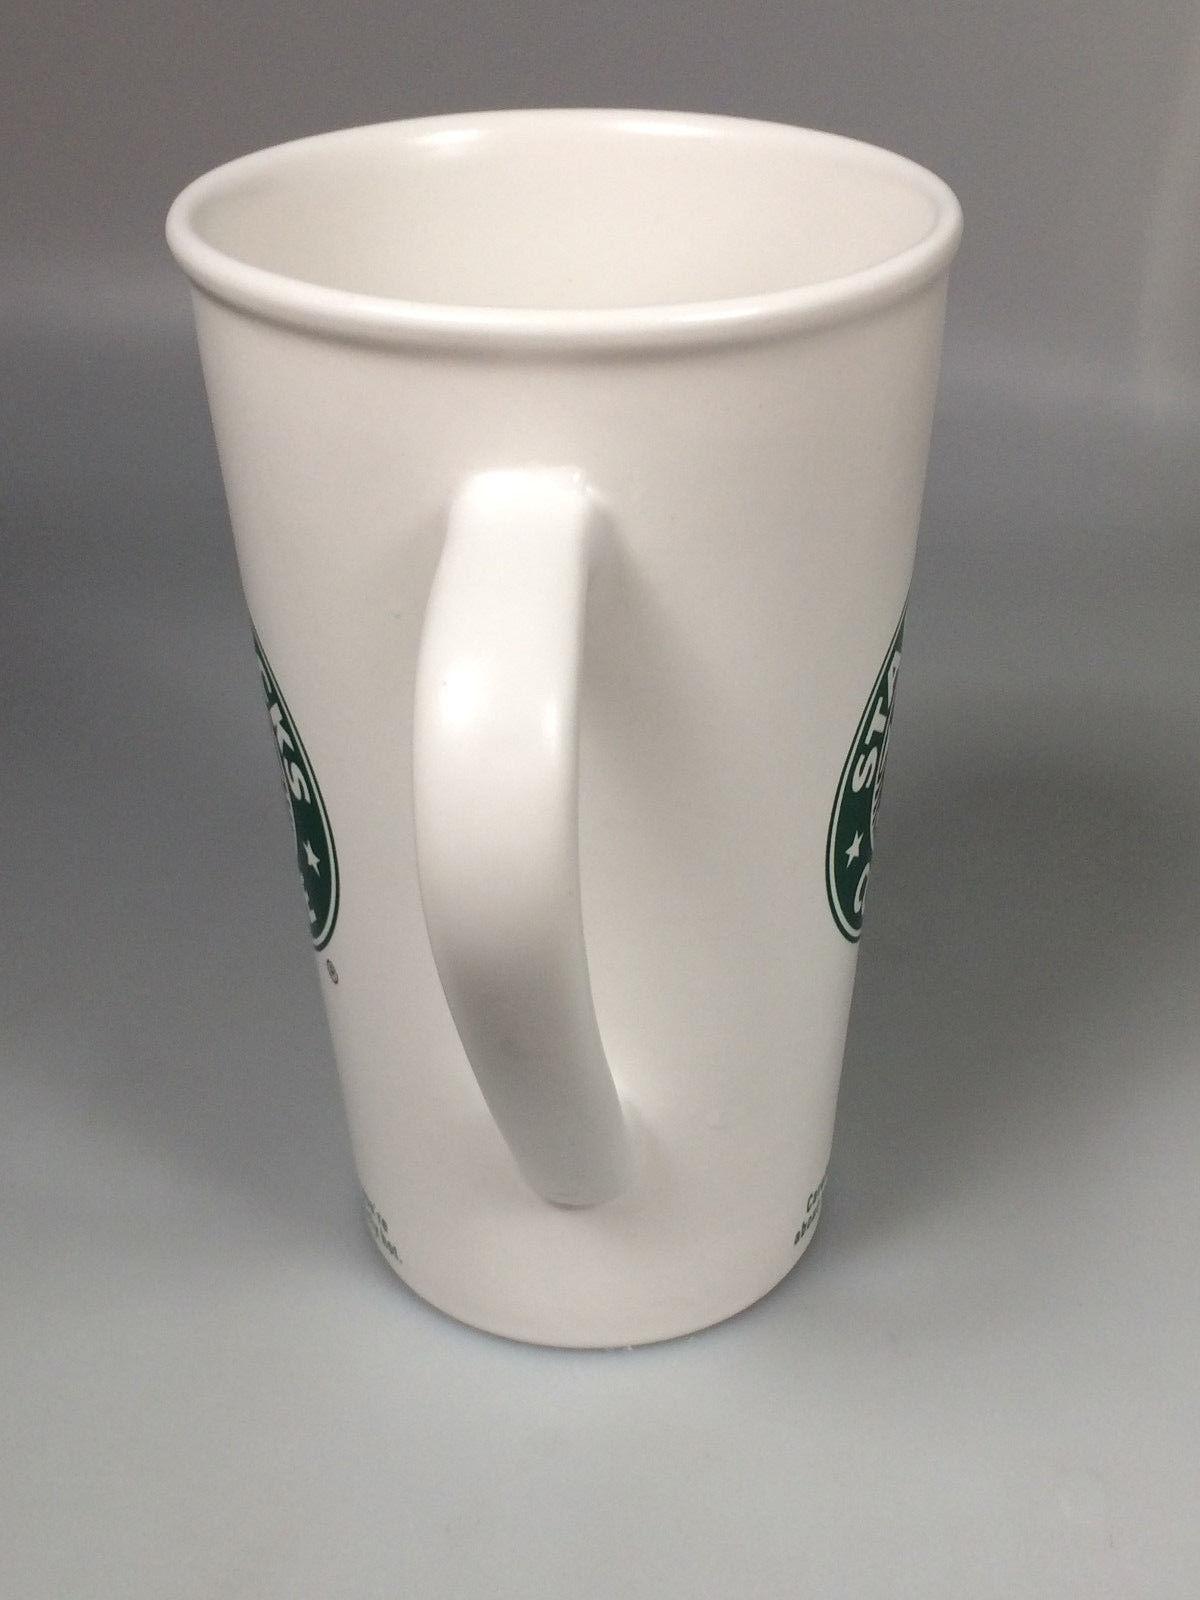 Starbucks mermaid coffee mug cup 16 oz.